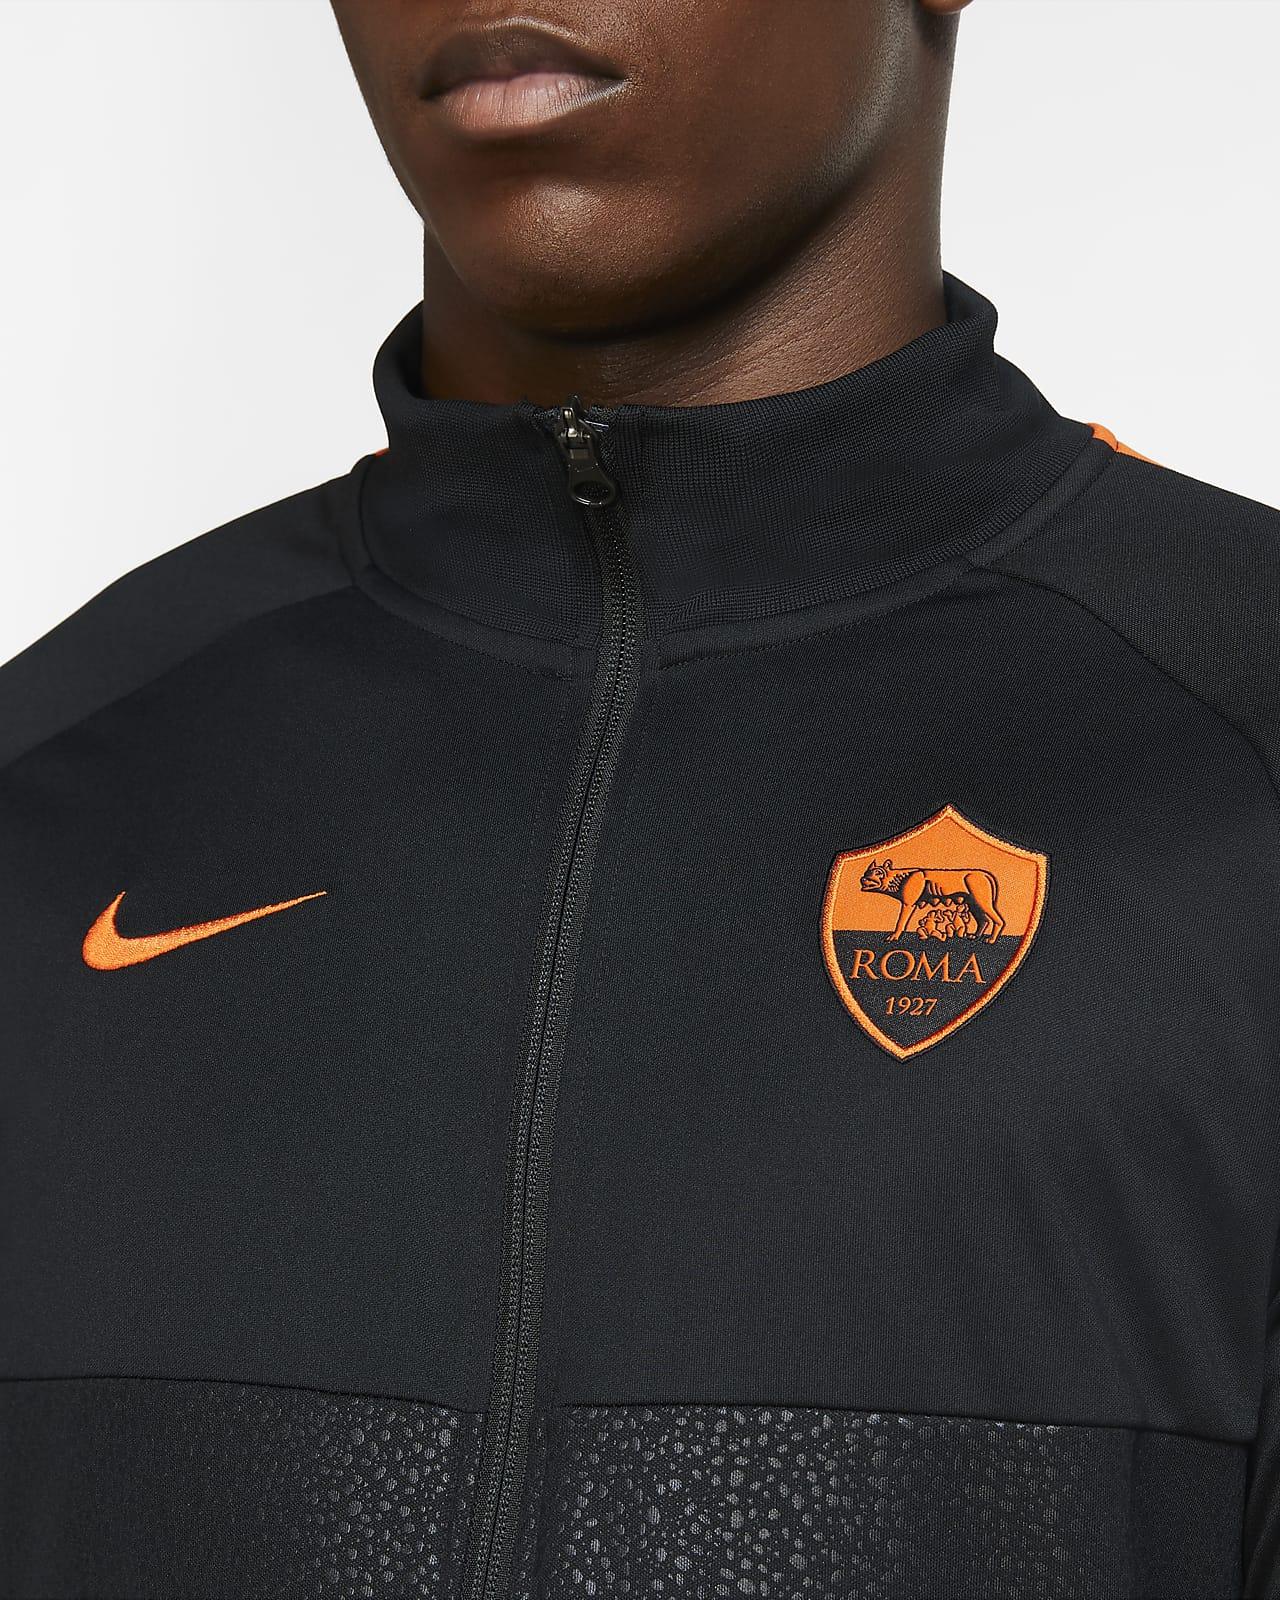 Despedida Rústico Bienvenido  AS Roma Chaqueta de chándal de fútbol - Hombre. Nike ES